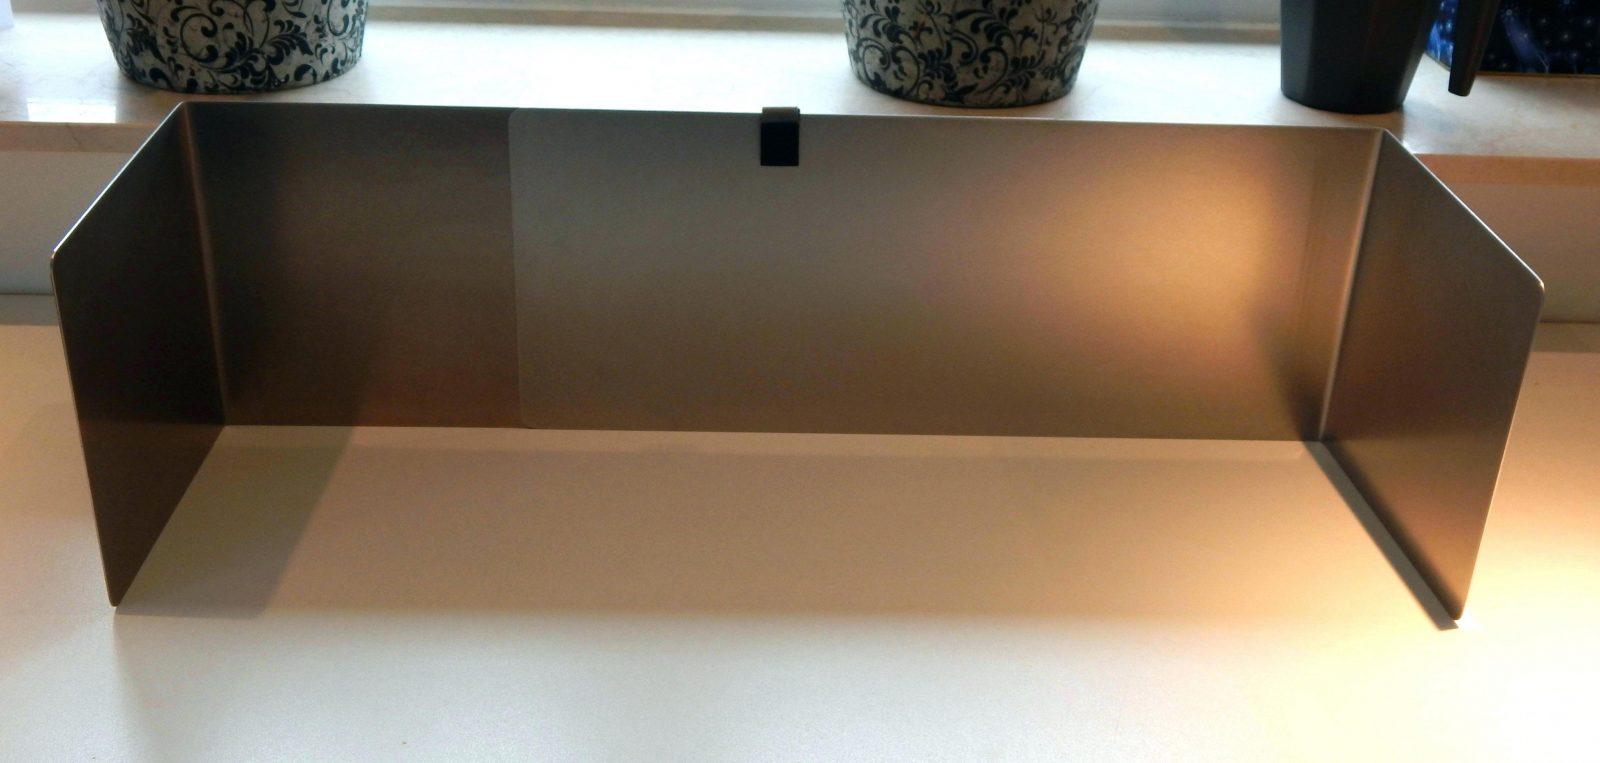 Spritzschutz Herd Glas Fur Kuche Selber Machen Motiv Edelstahl Obi von Spritzschutz Küche Plexiglas Selber Machen Photo